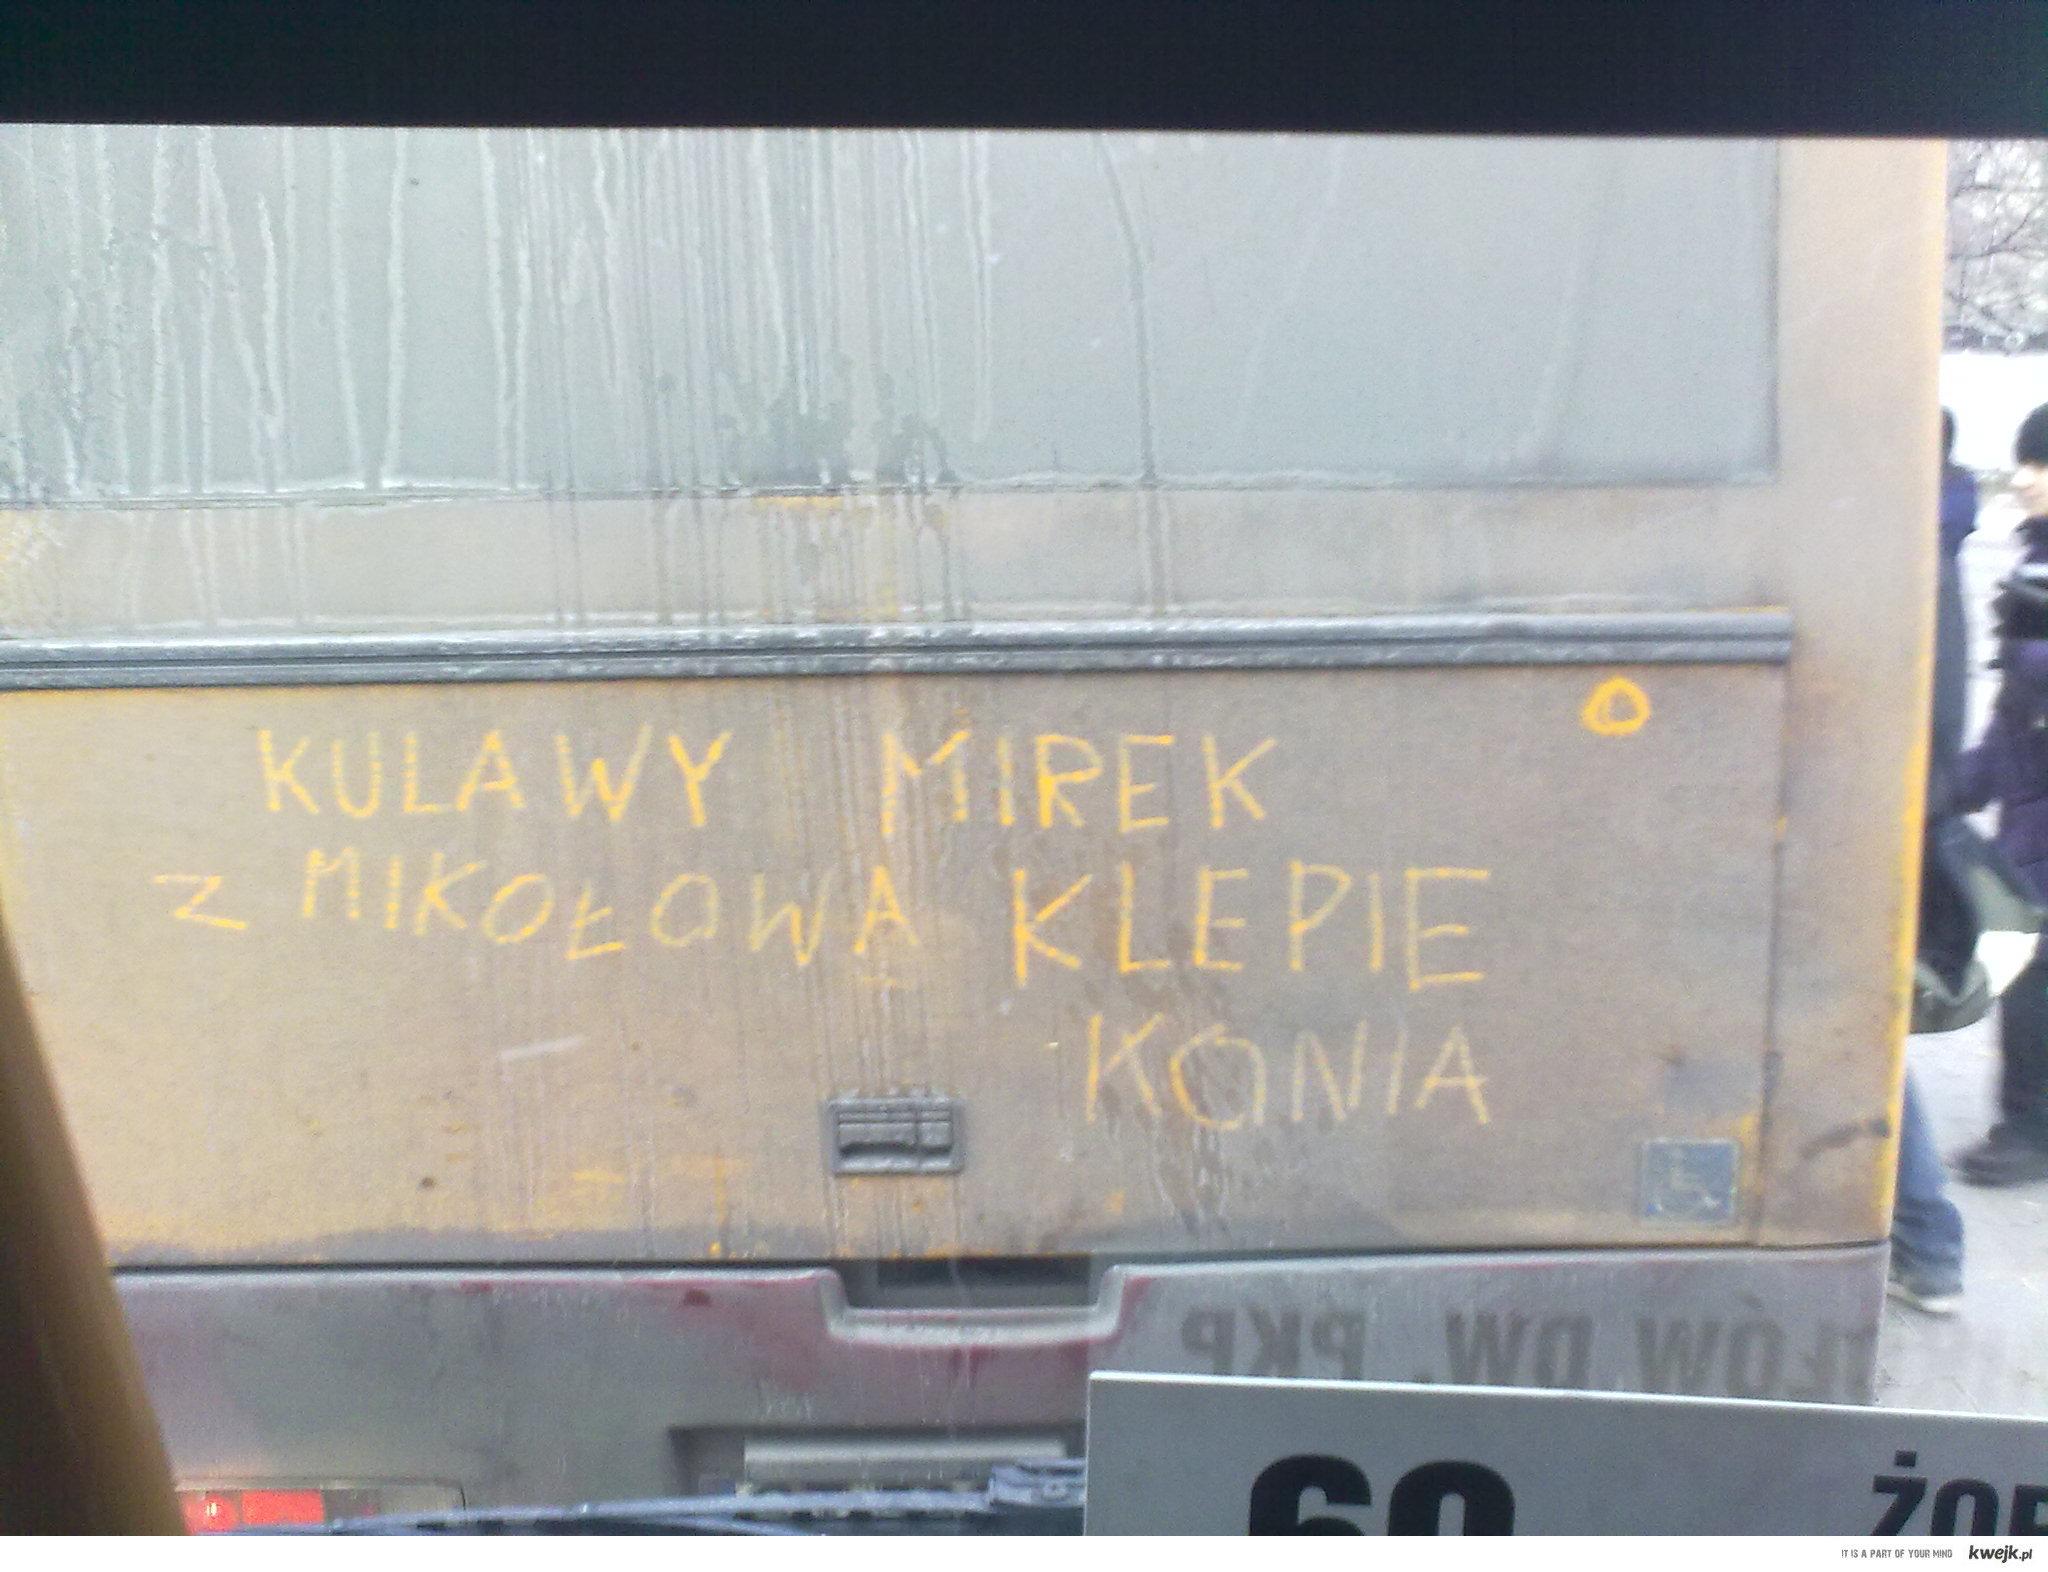 Kulawy Mirek z Mikołowa